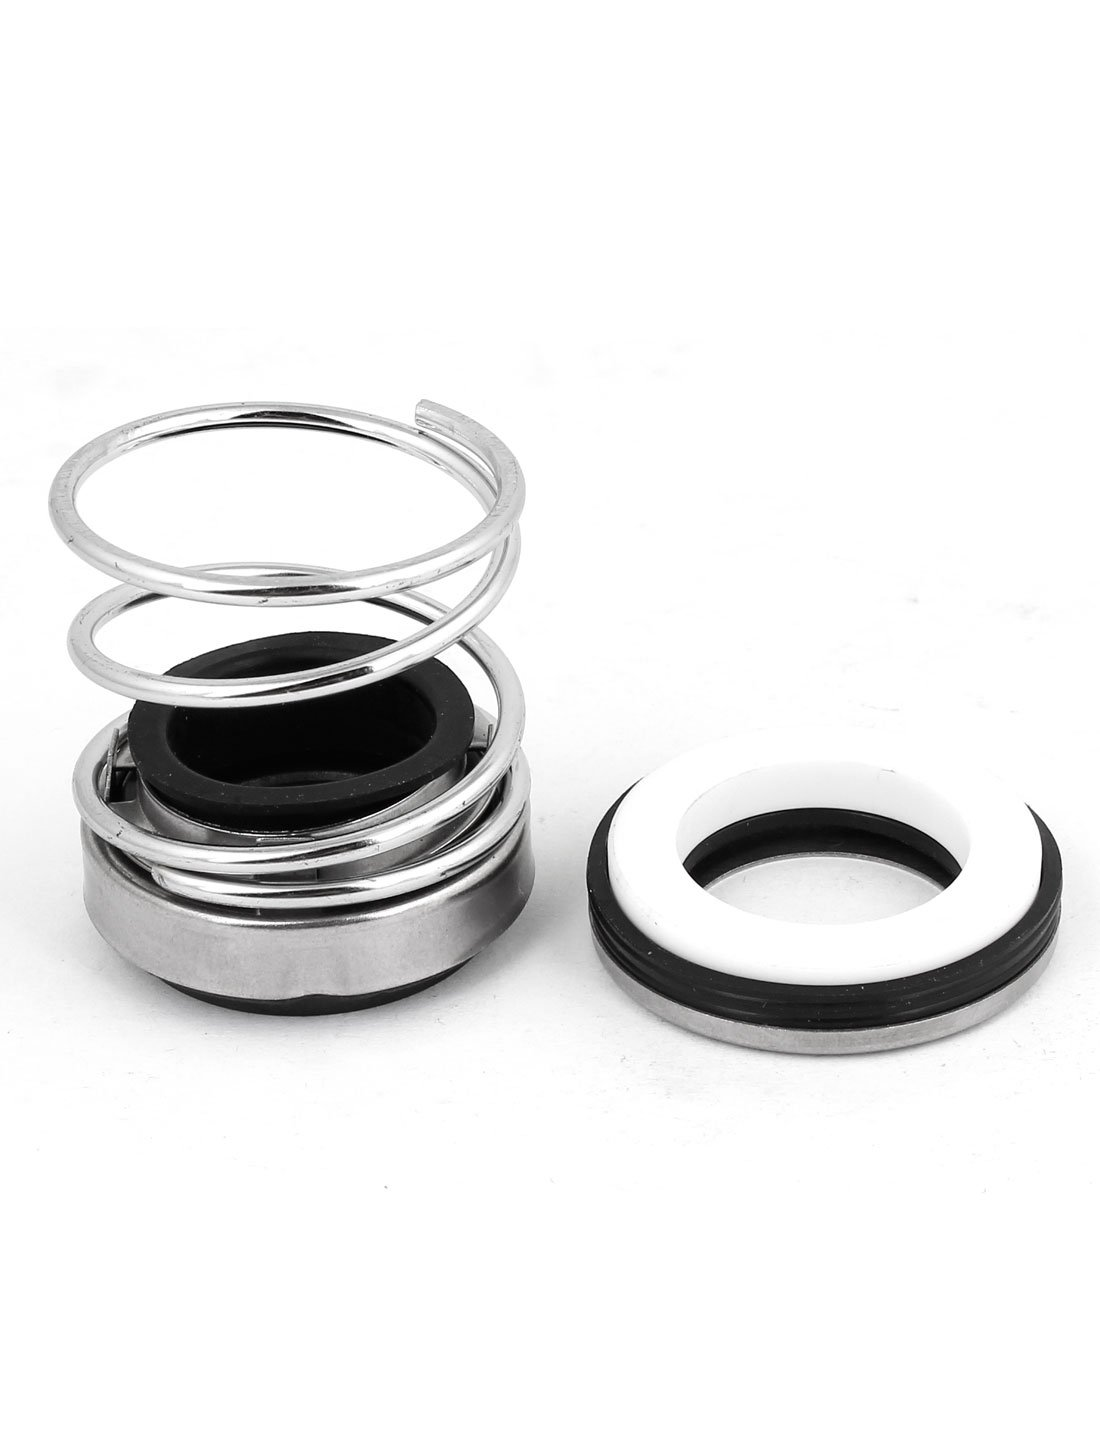 uxcell 22mm Inner Dia Water Pump Mechanical Seal Sealing Part 108-22